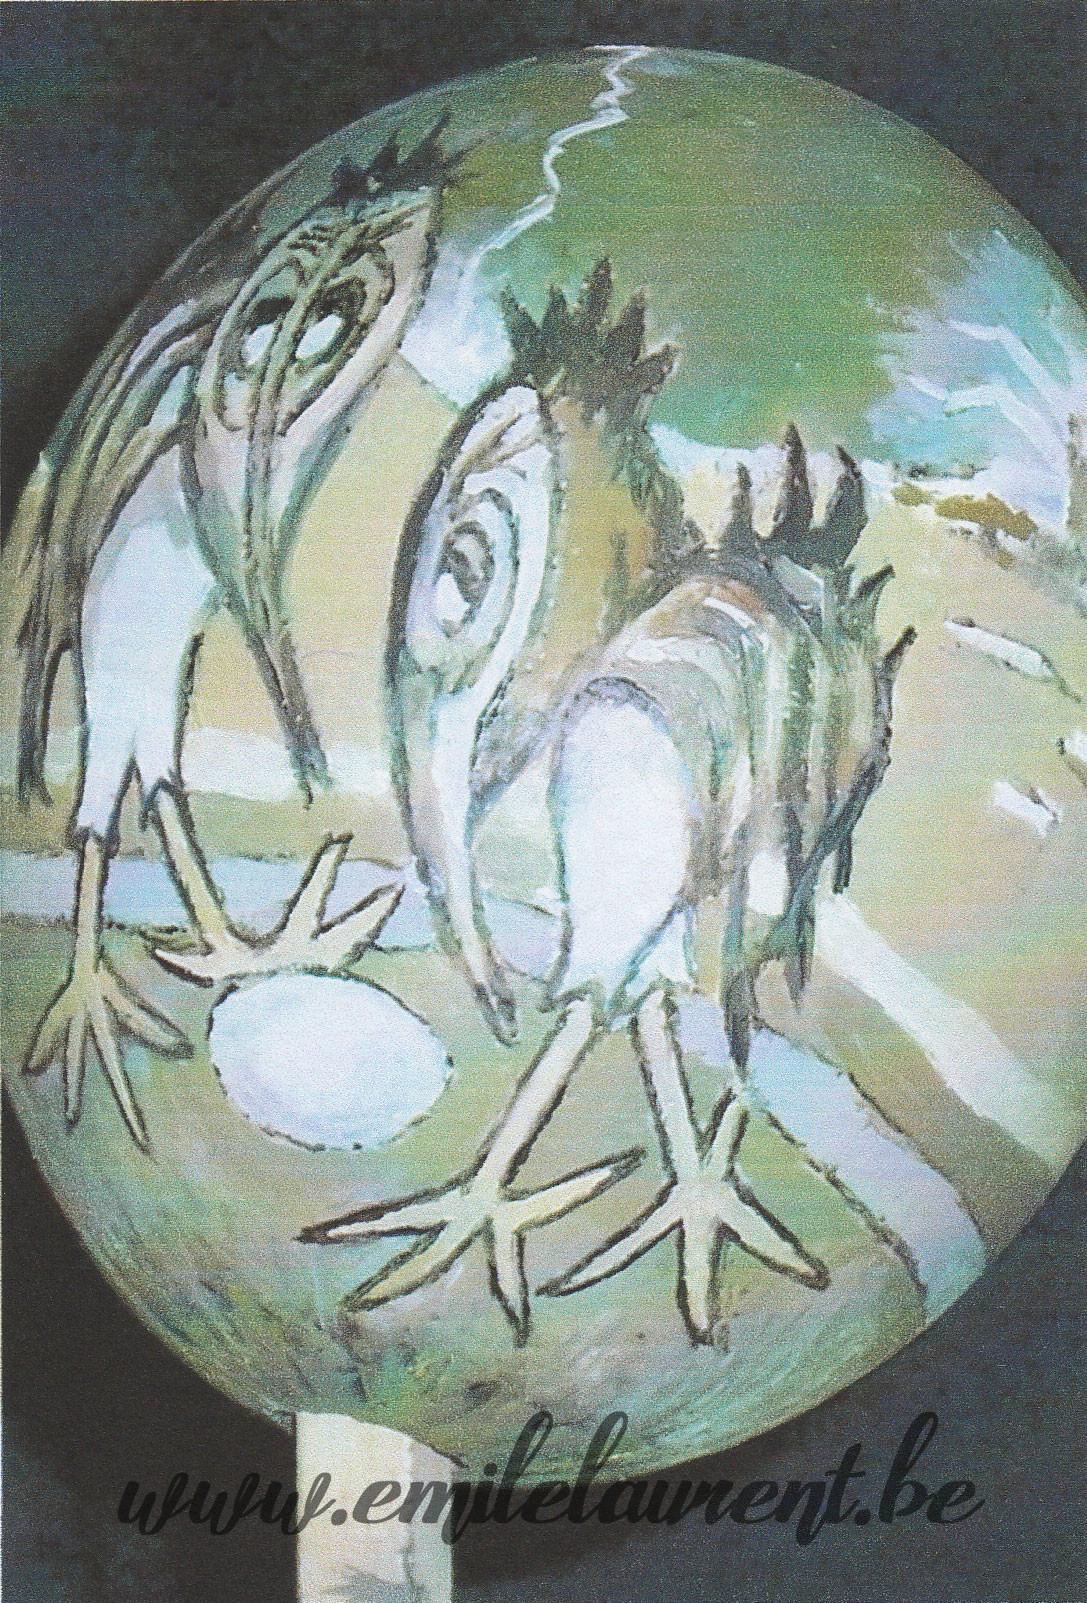 Ornithoflox peints sur œuf d'autruche